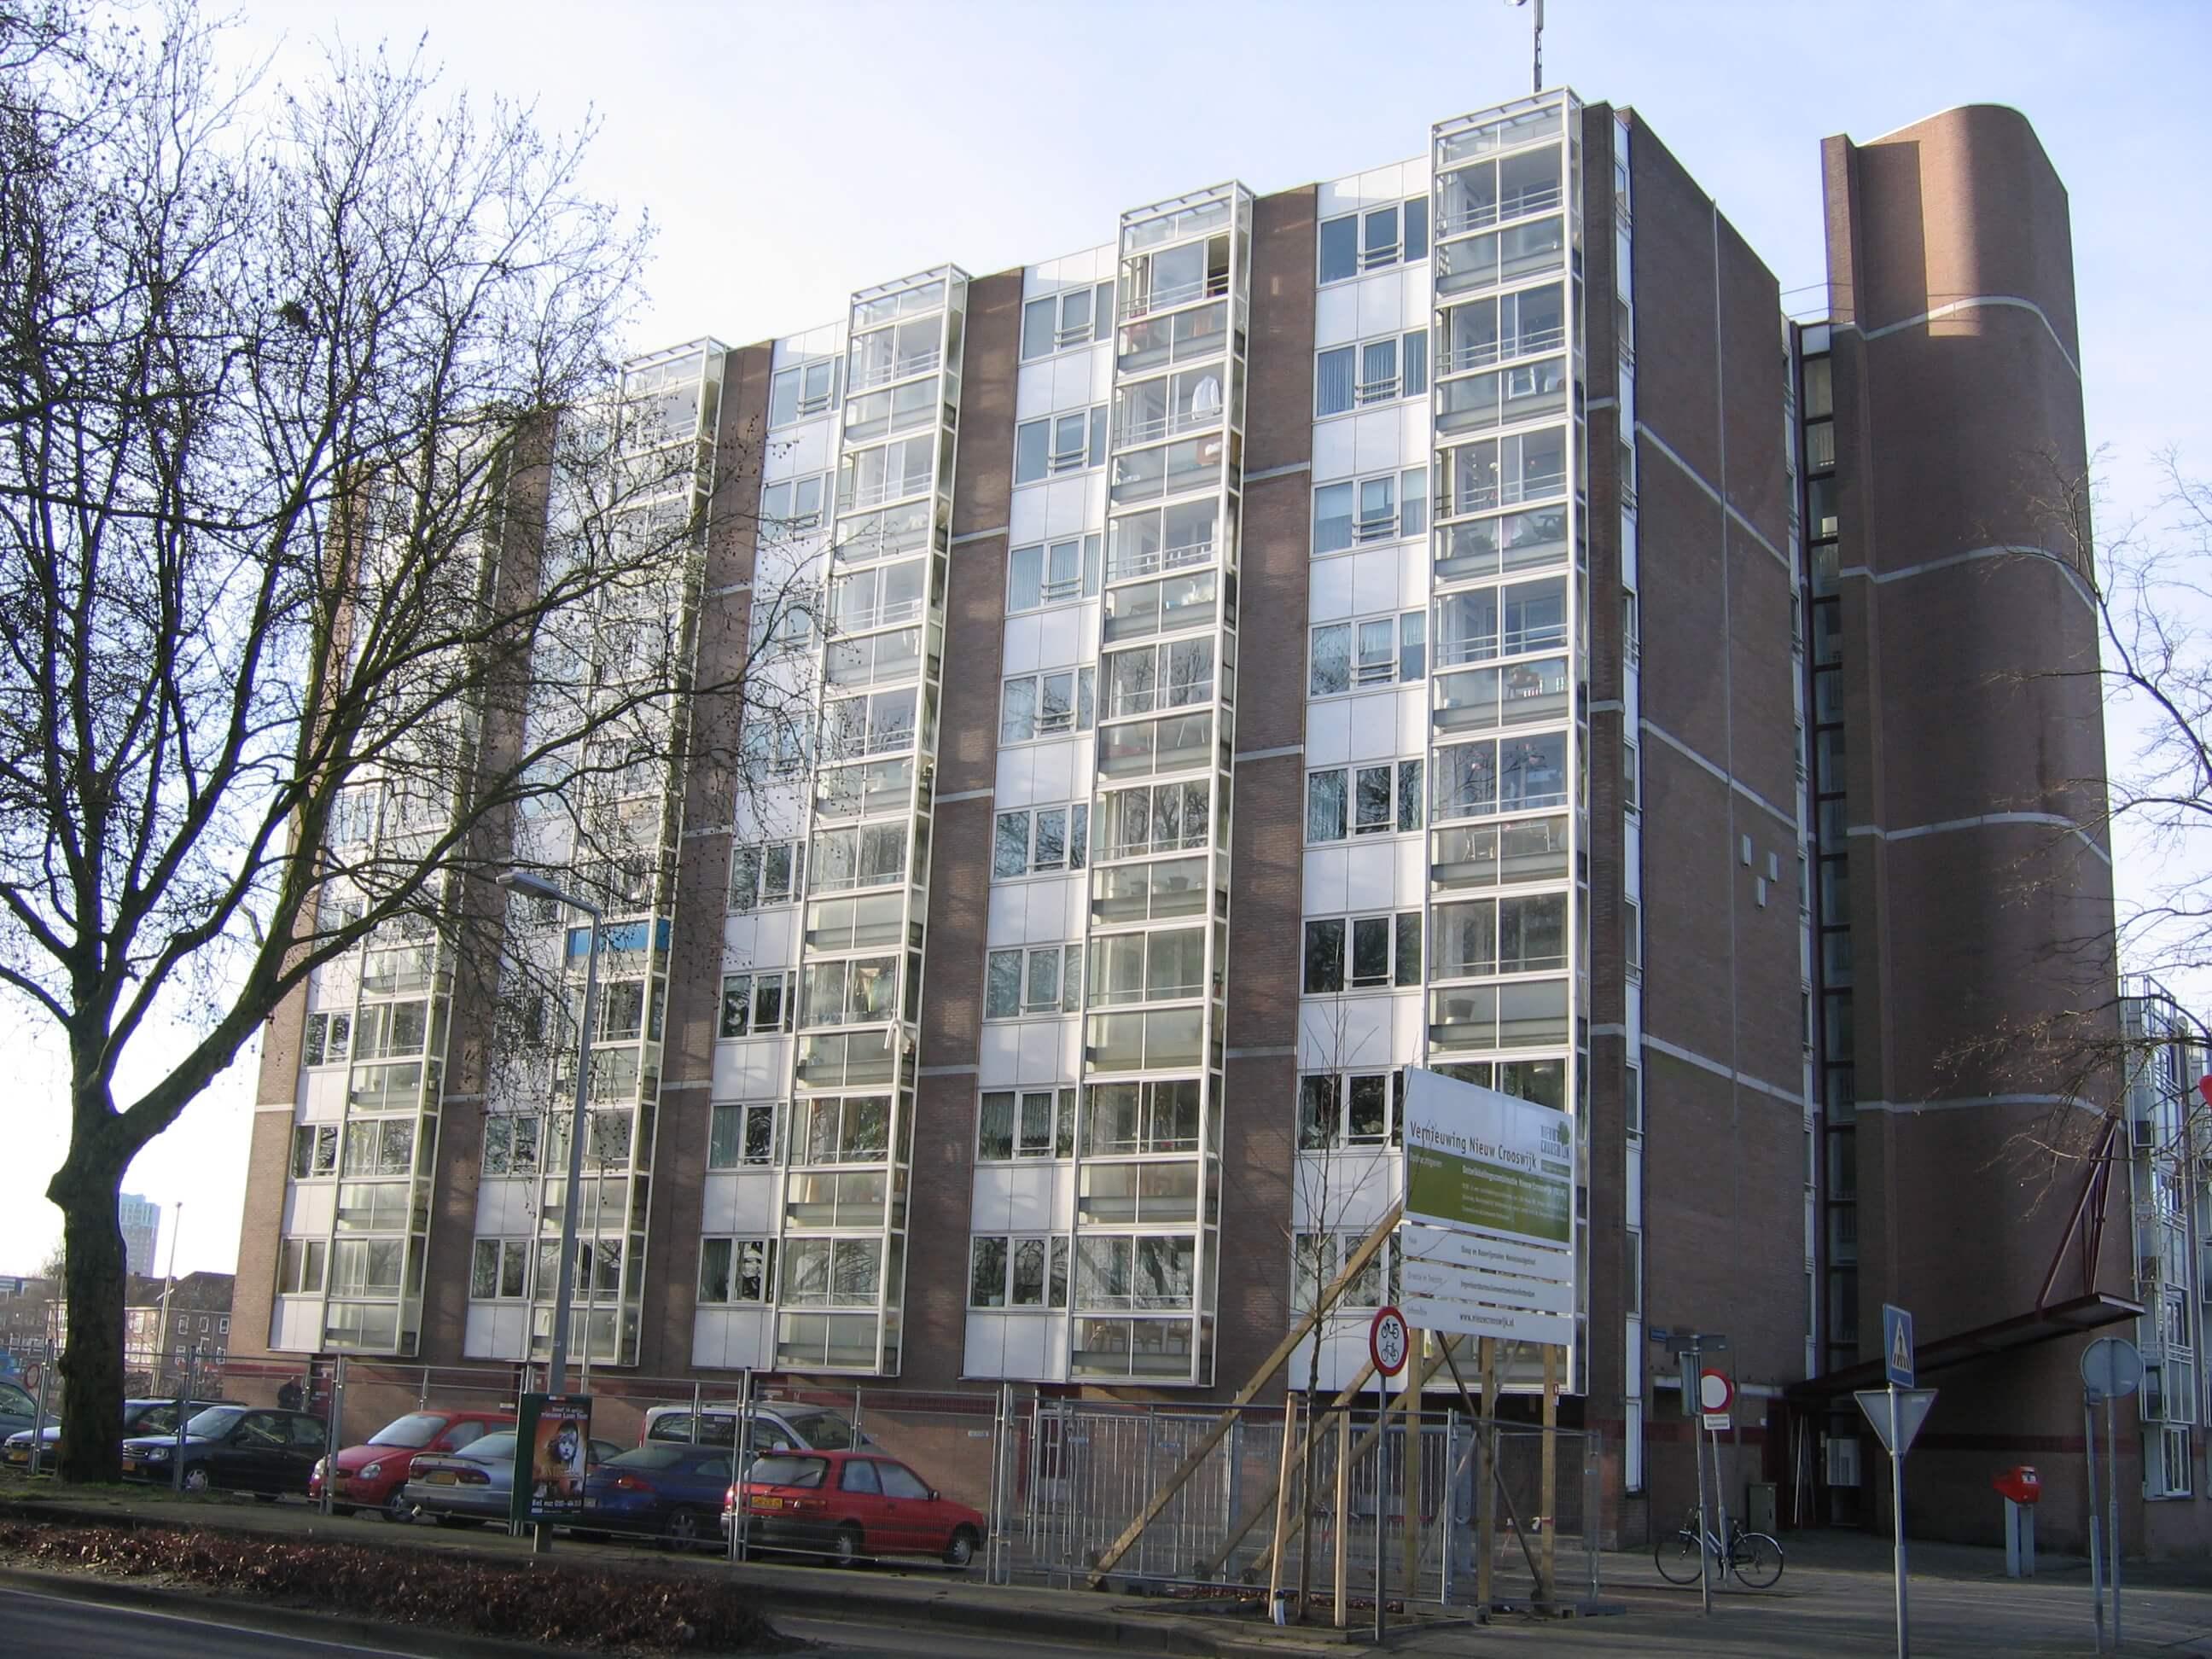 Lanenflat Nieuw Crooswijk